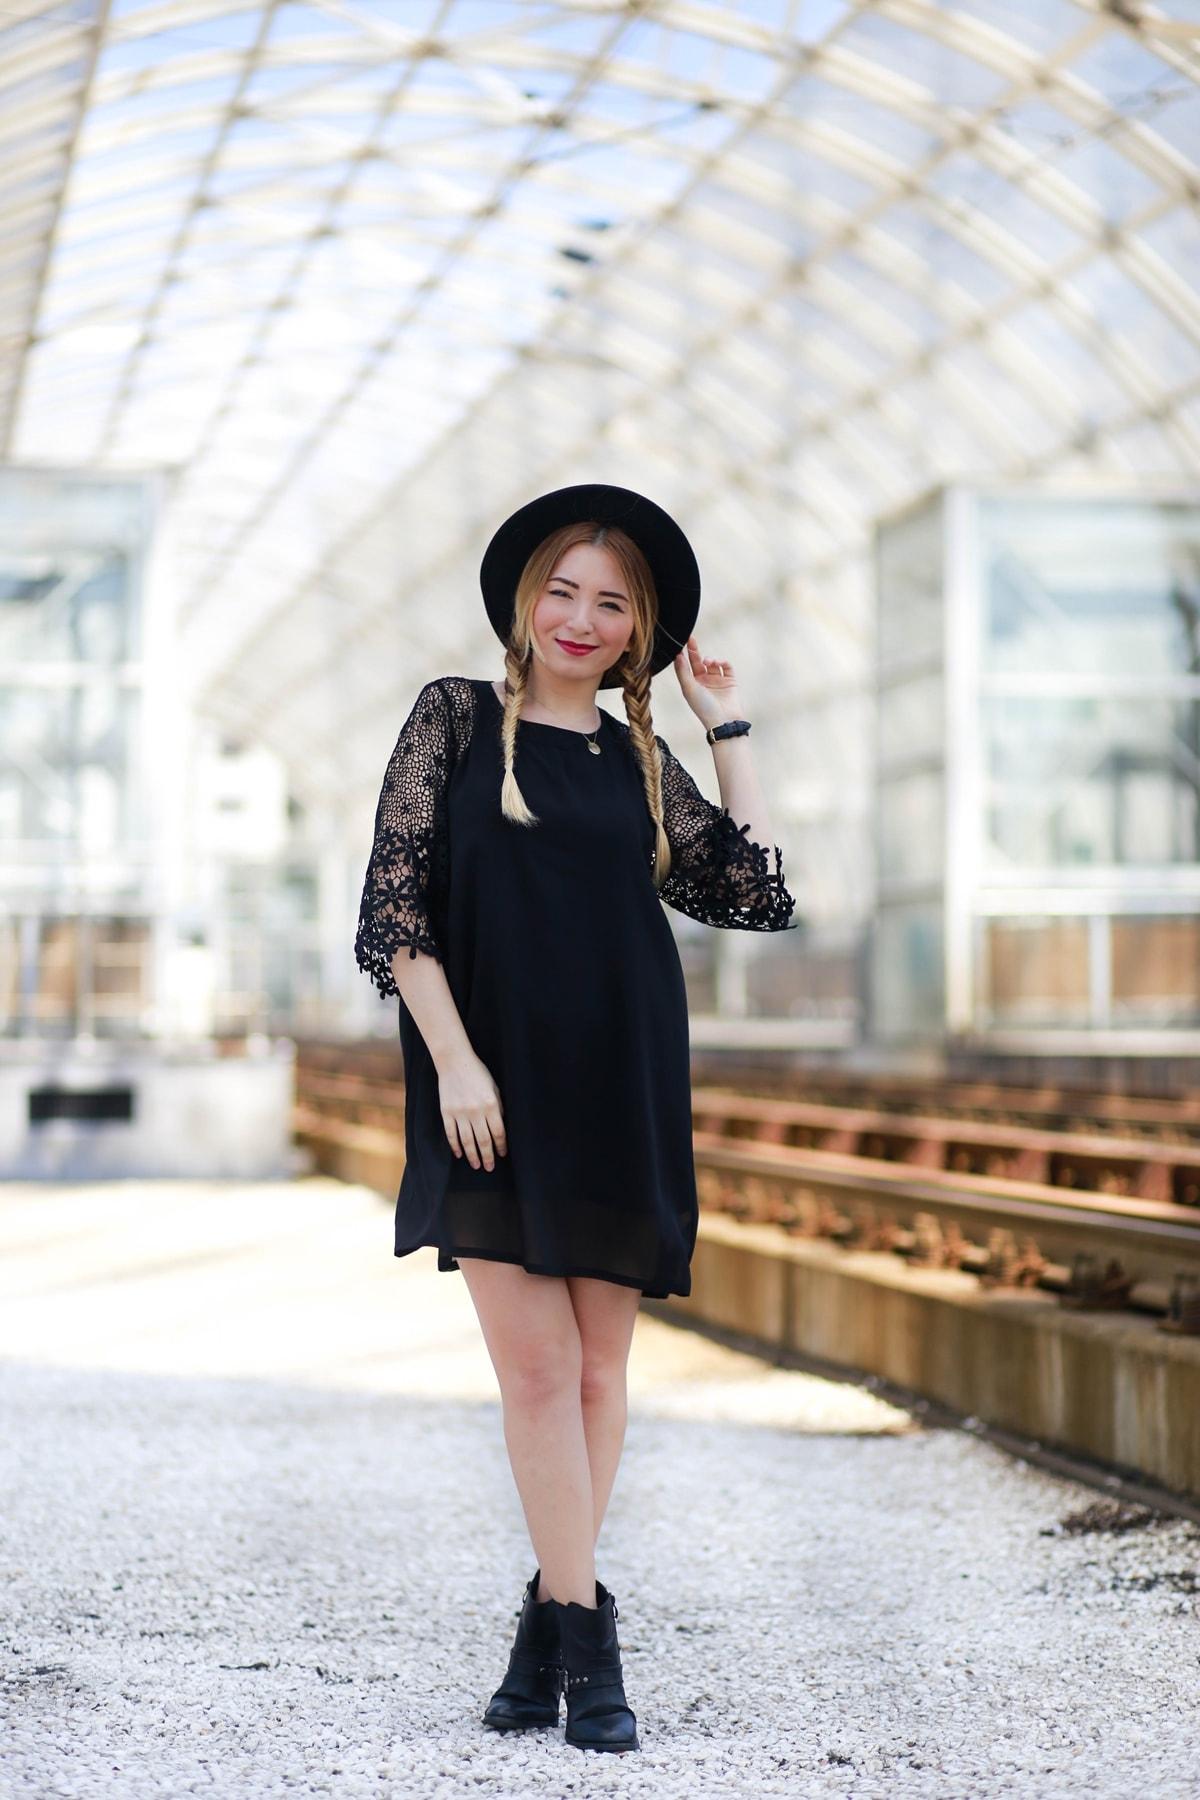 andreea ristea - all black, tinuta cu rochie neagra de zi, de vara, podul barasab bucuresti, blogger moda